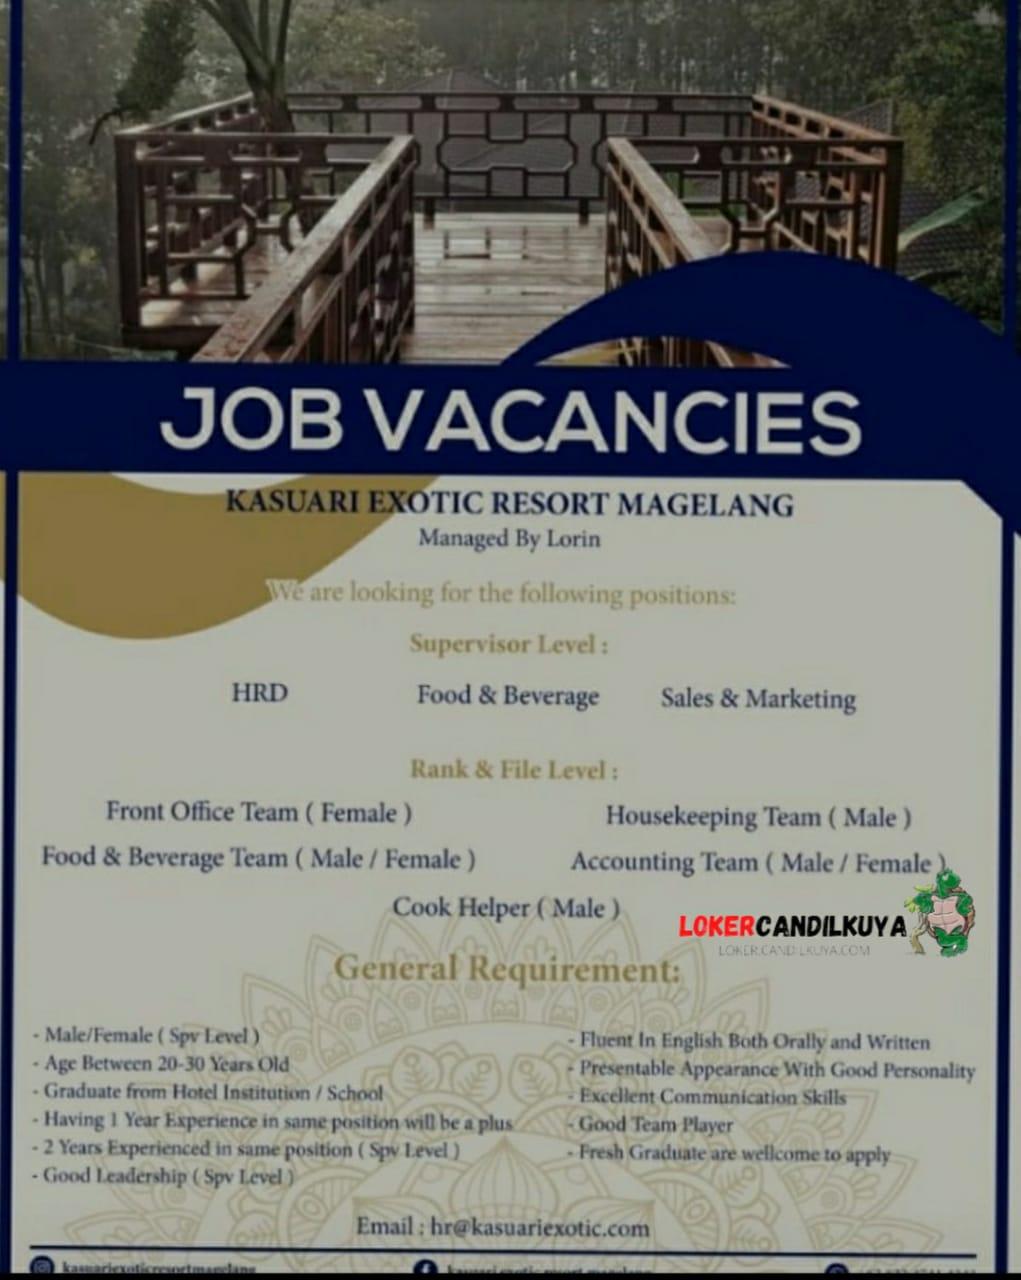 Lowongan Kerja Kasuari Exotic Resort Magelang